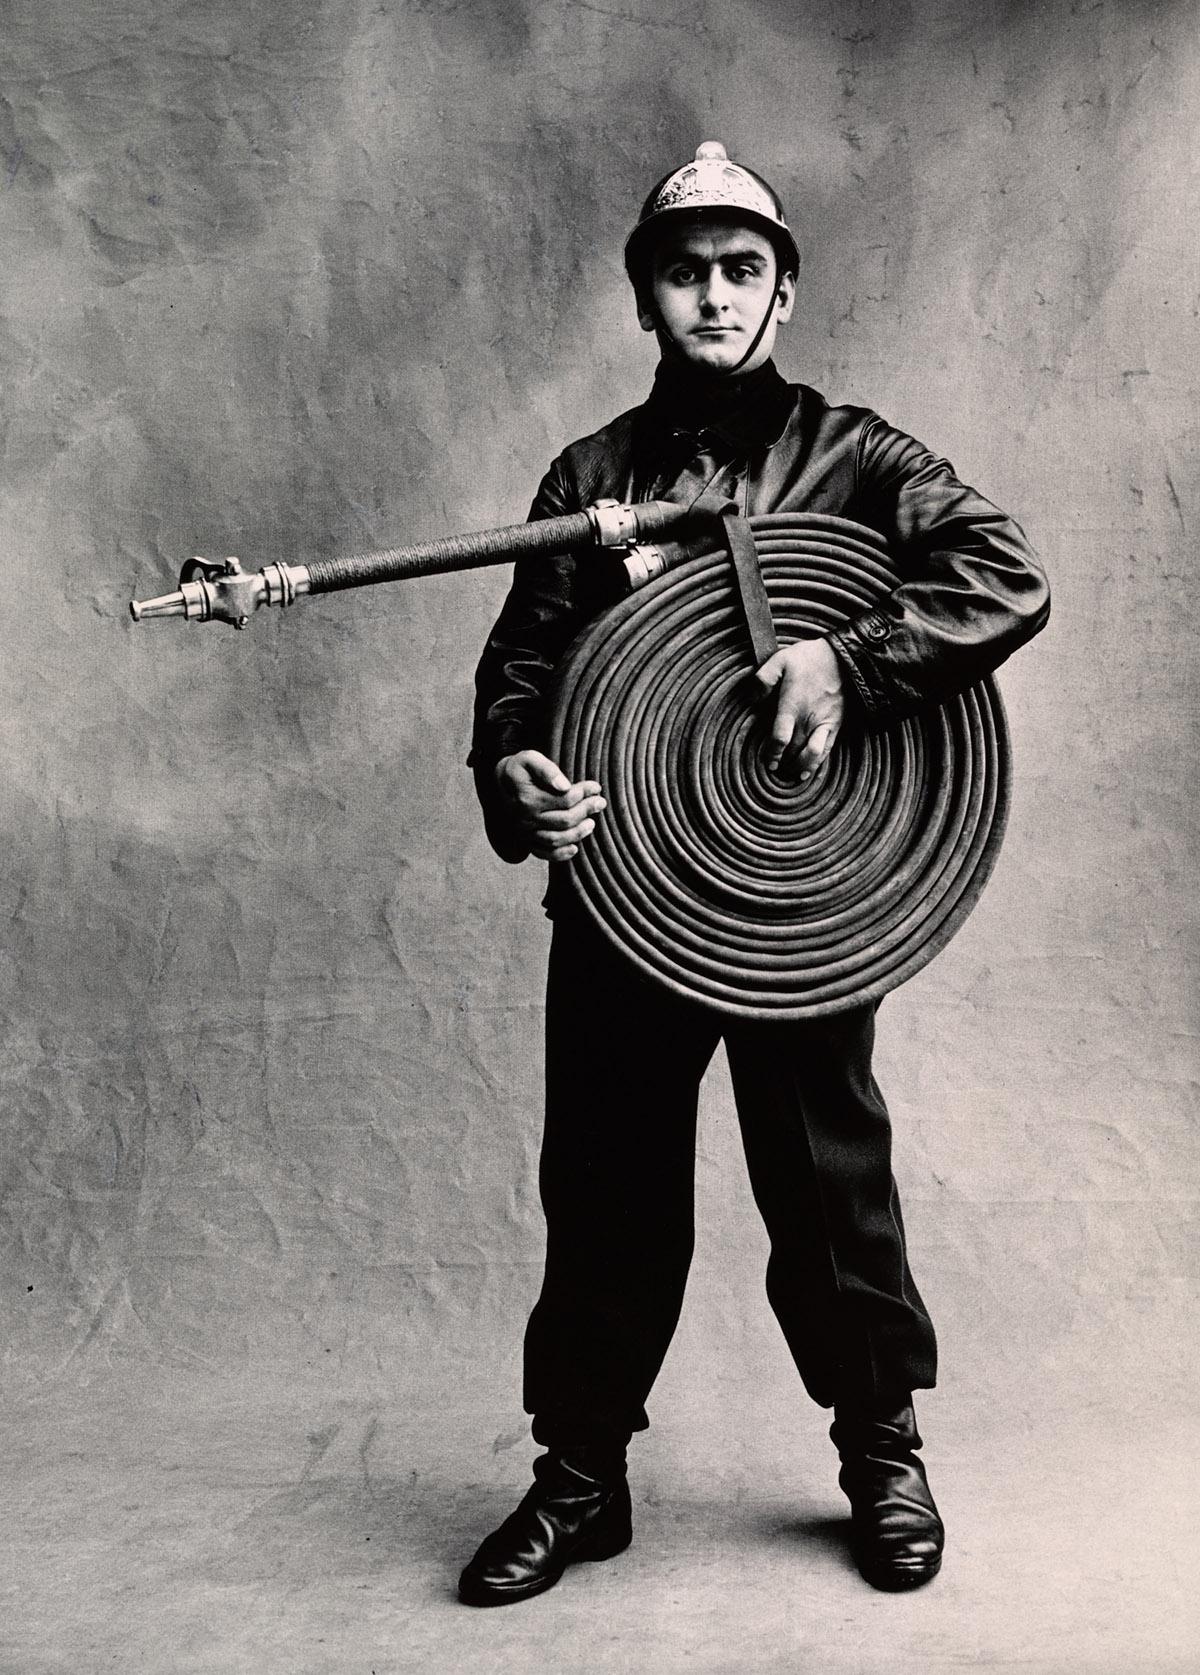 pompier_paris_1950_[fireman]